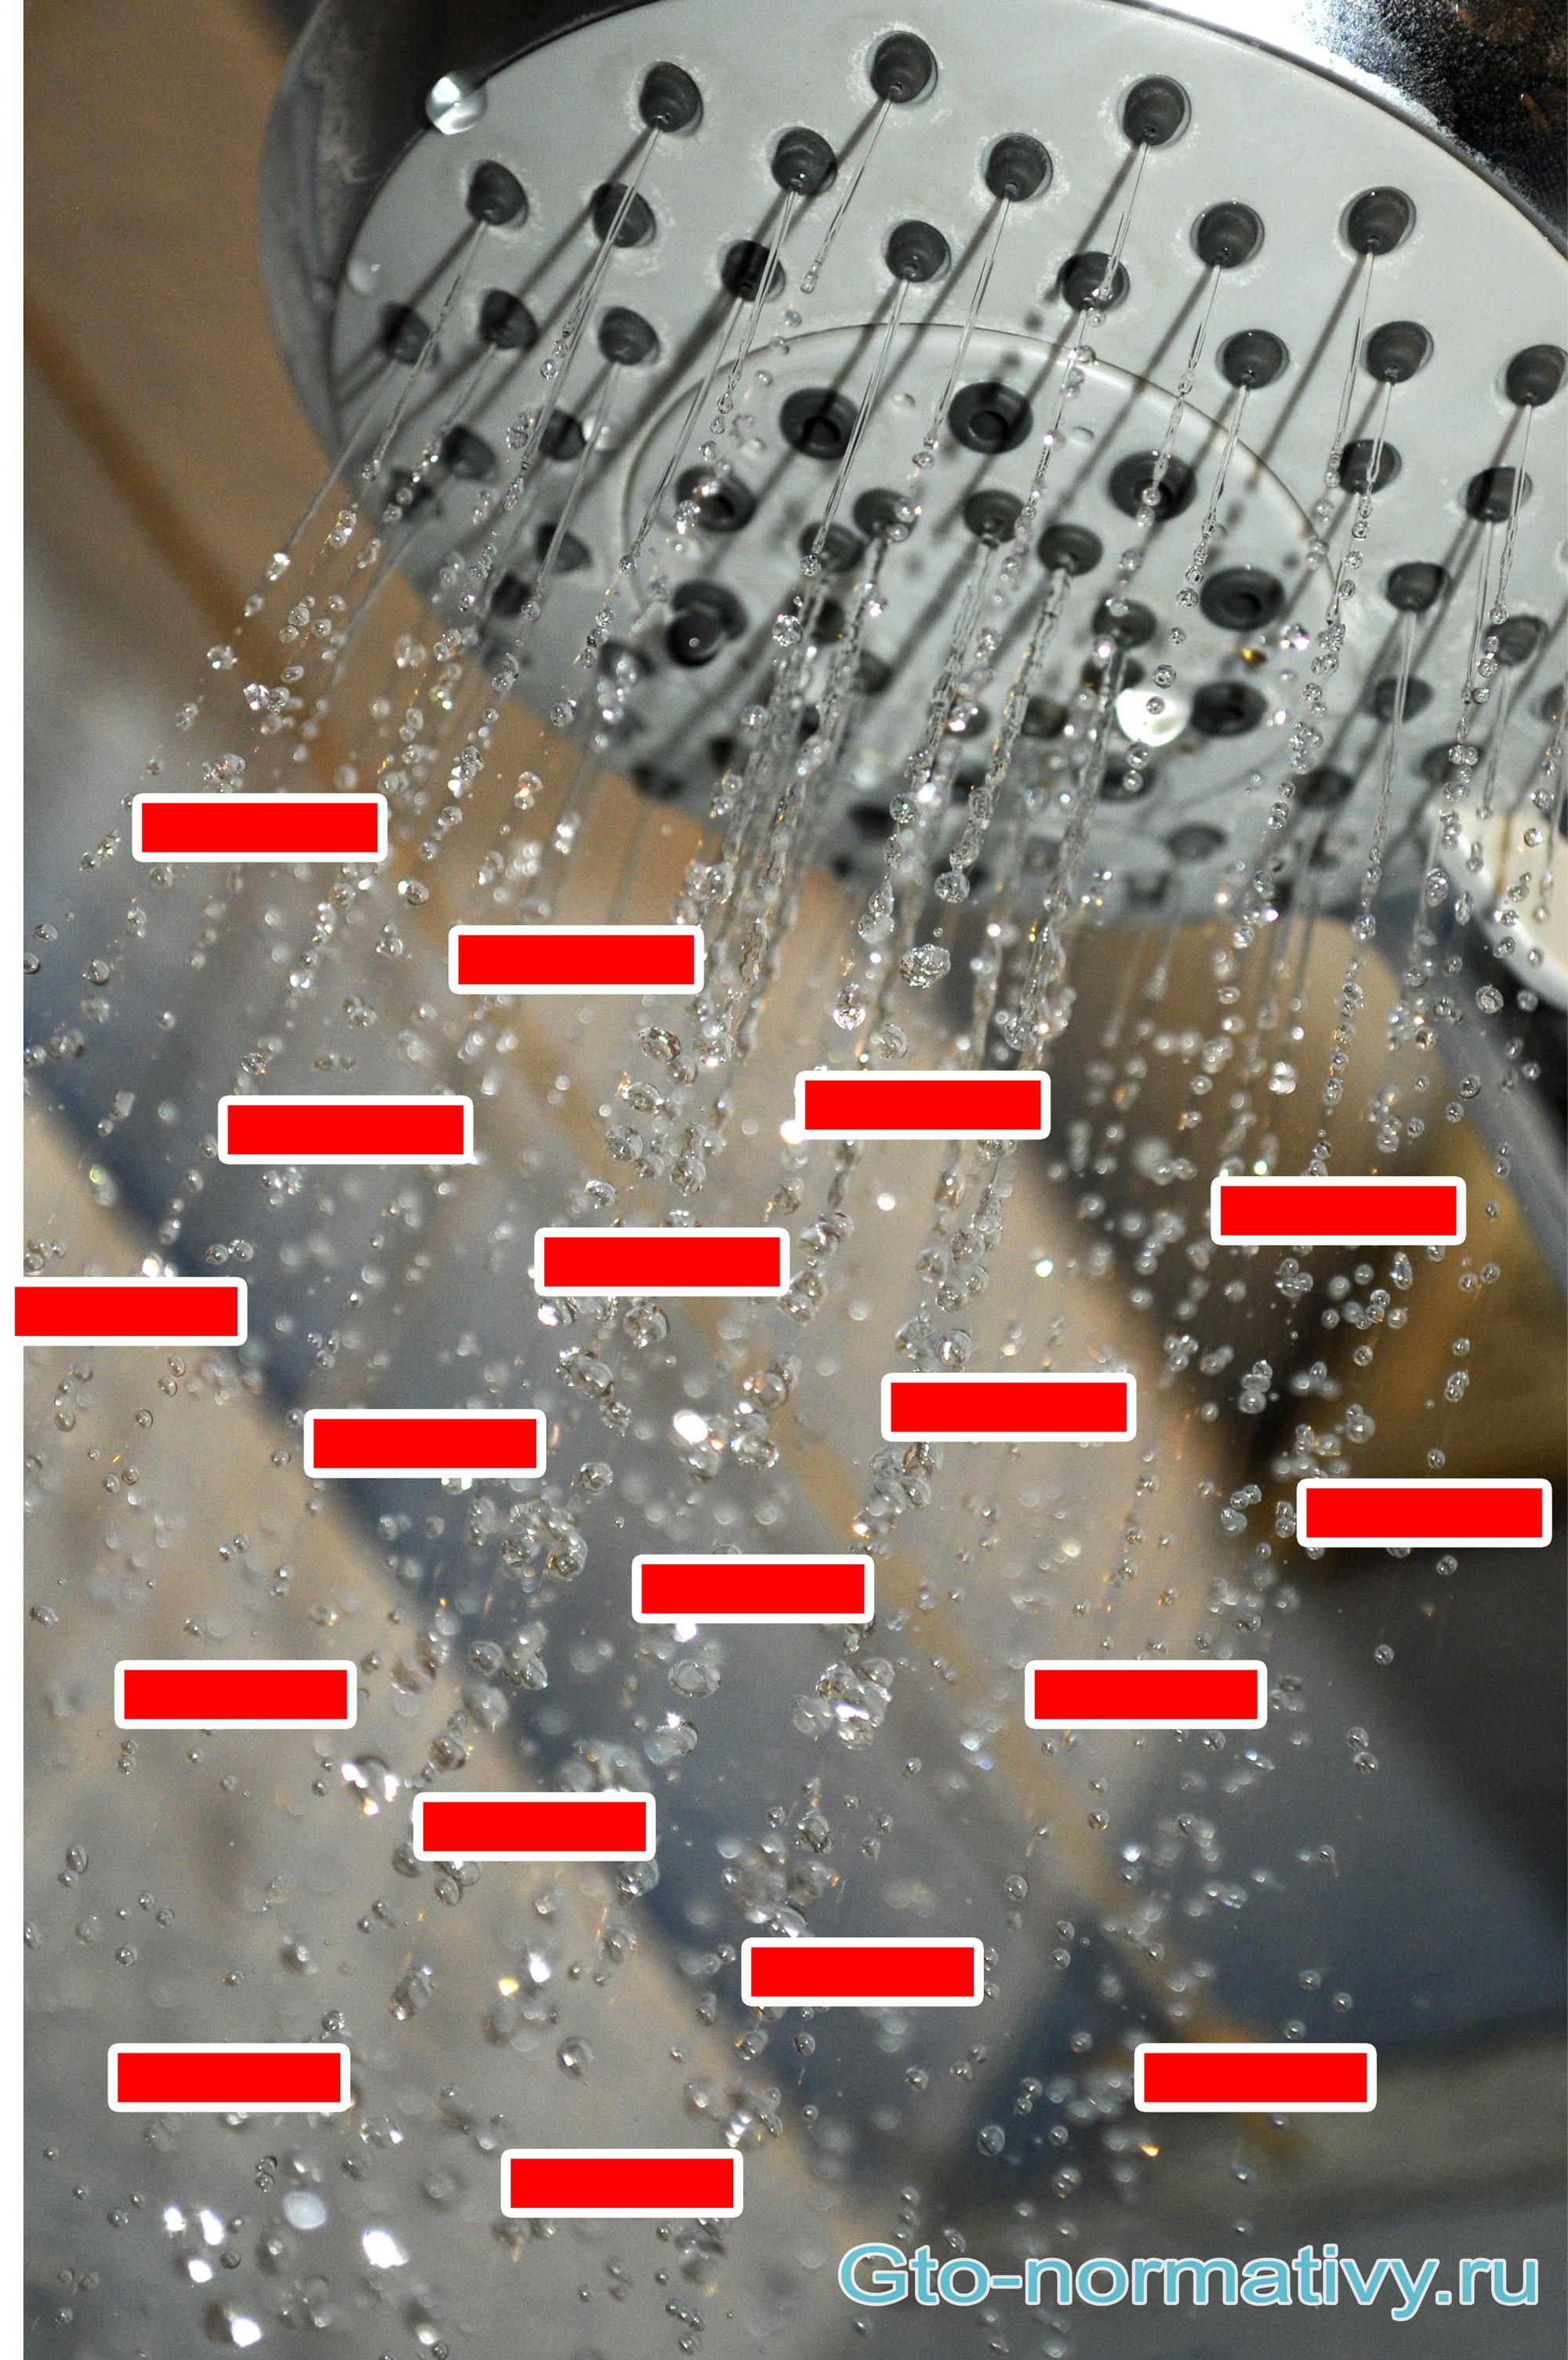 Как правильно принимать контрастный душ: польза и вред